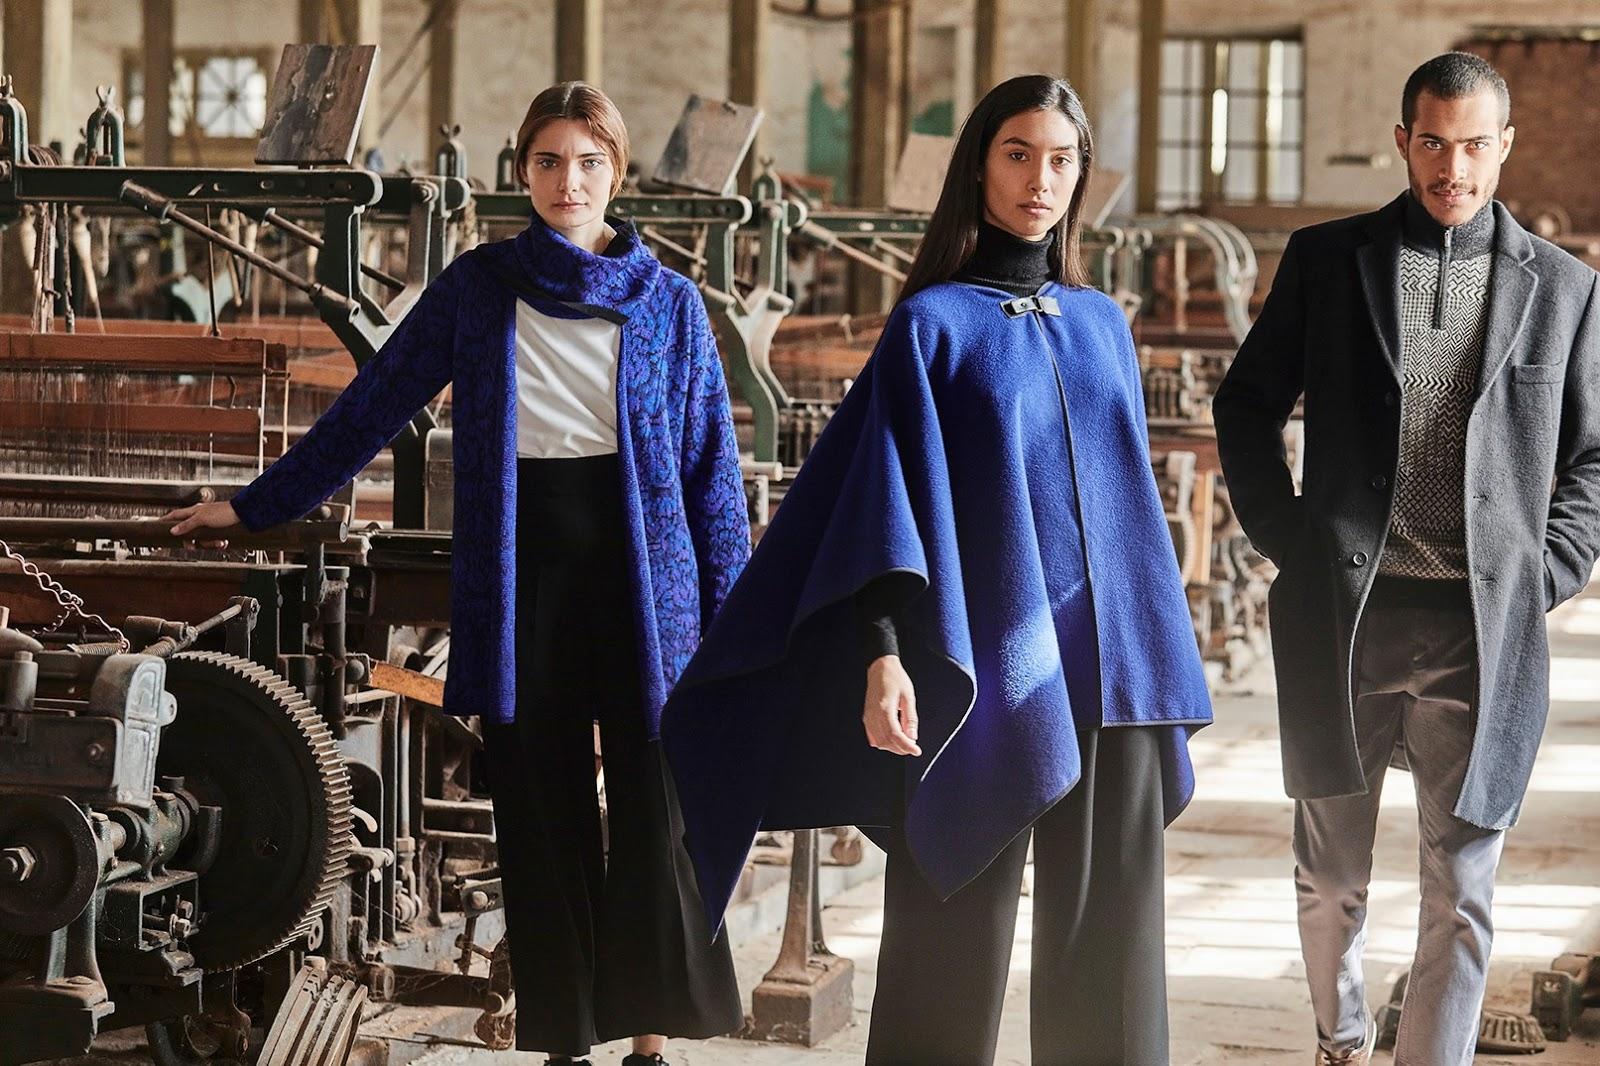 abrigo azul con texturas y poncho azul de mujer junto a abrigo gris de hombre